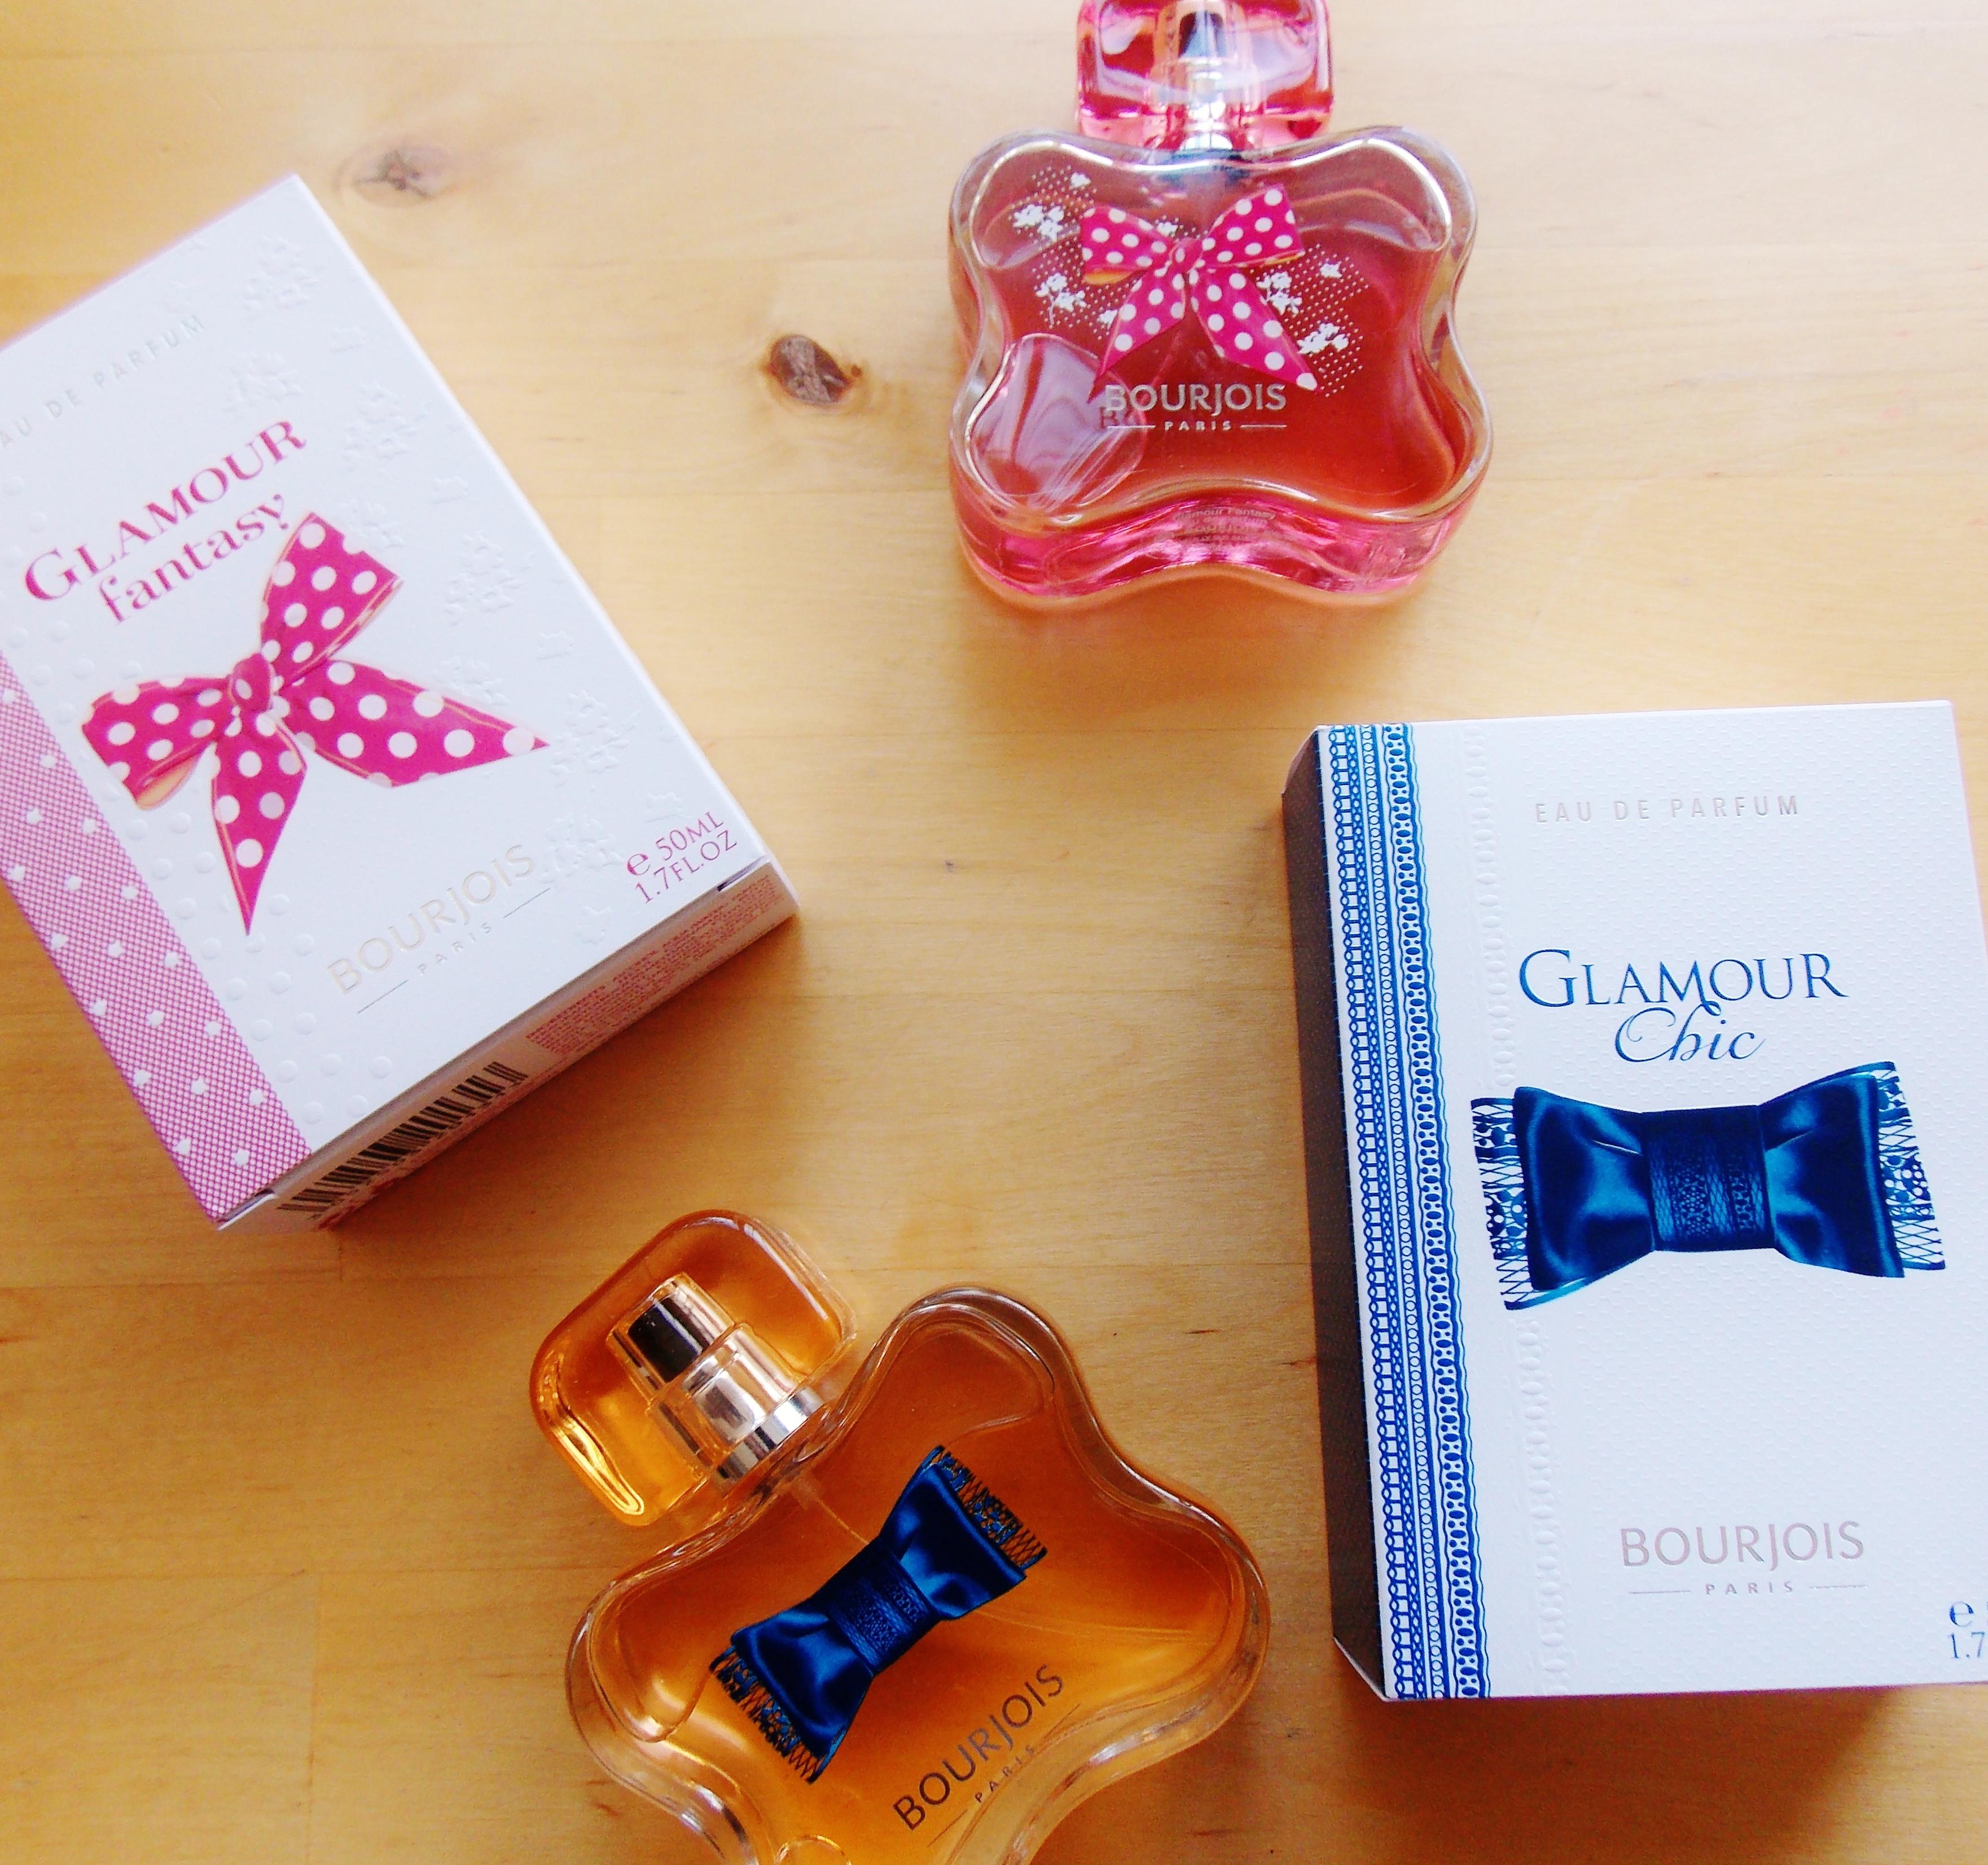 cb502e1537d757 Bourjois devient glamour en éditant 4 parfums adorablissimes qui  symbolisent la femme actuelle dans toute sa beauté. Que vous soyez glamour  Chic, ...